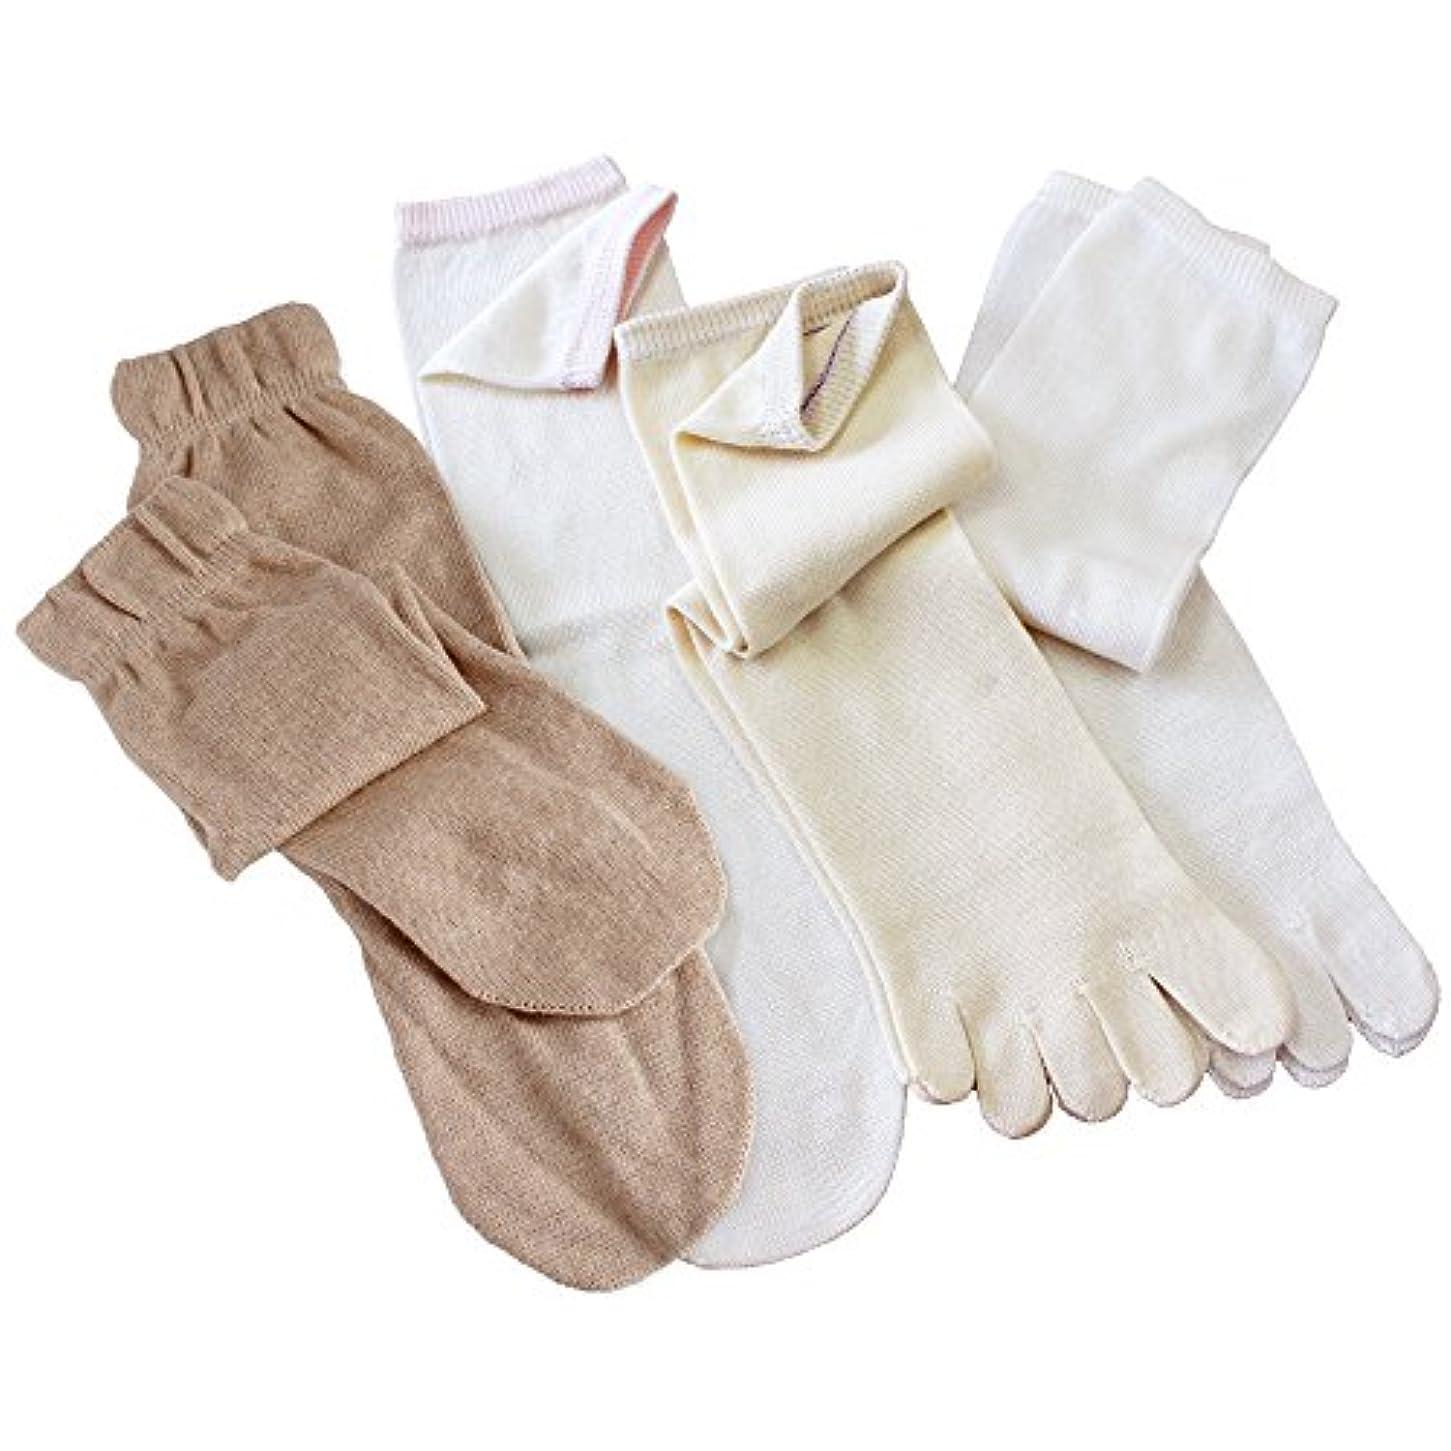 留まるハブブ属するhiorie(ヒオリエ) 日本製 冷えとり靴下 シルク&コットン 5本指ソックス(重ねばき専用 4足セット) 正絹 綿